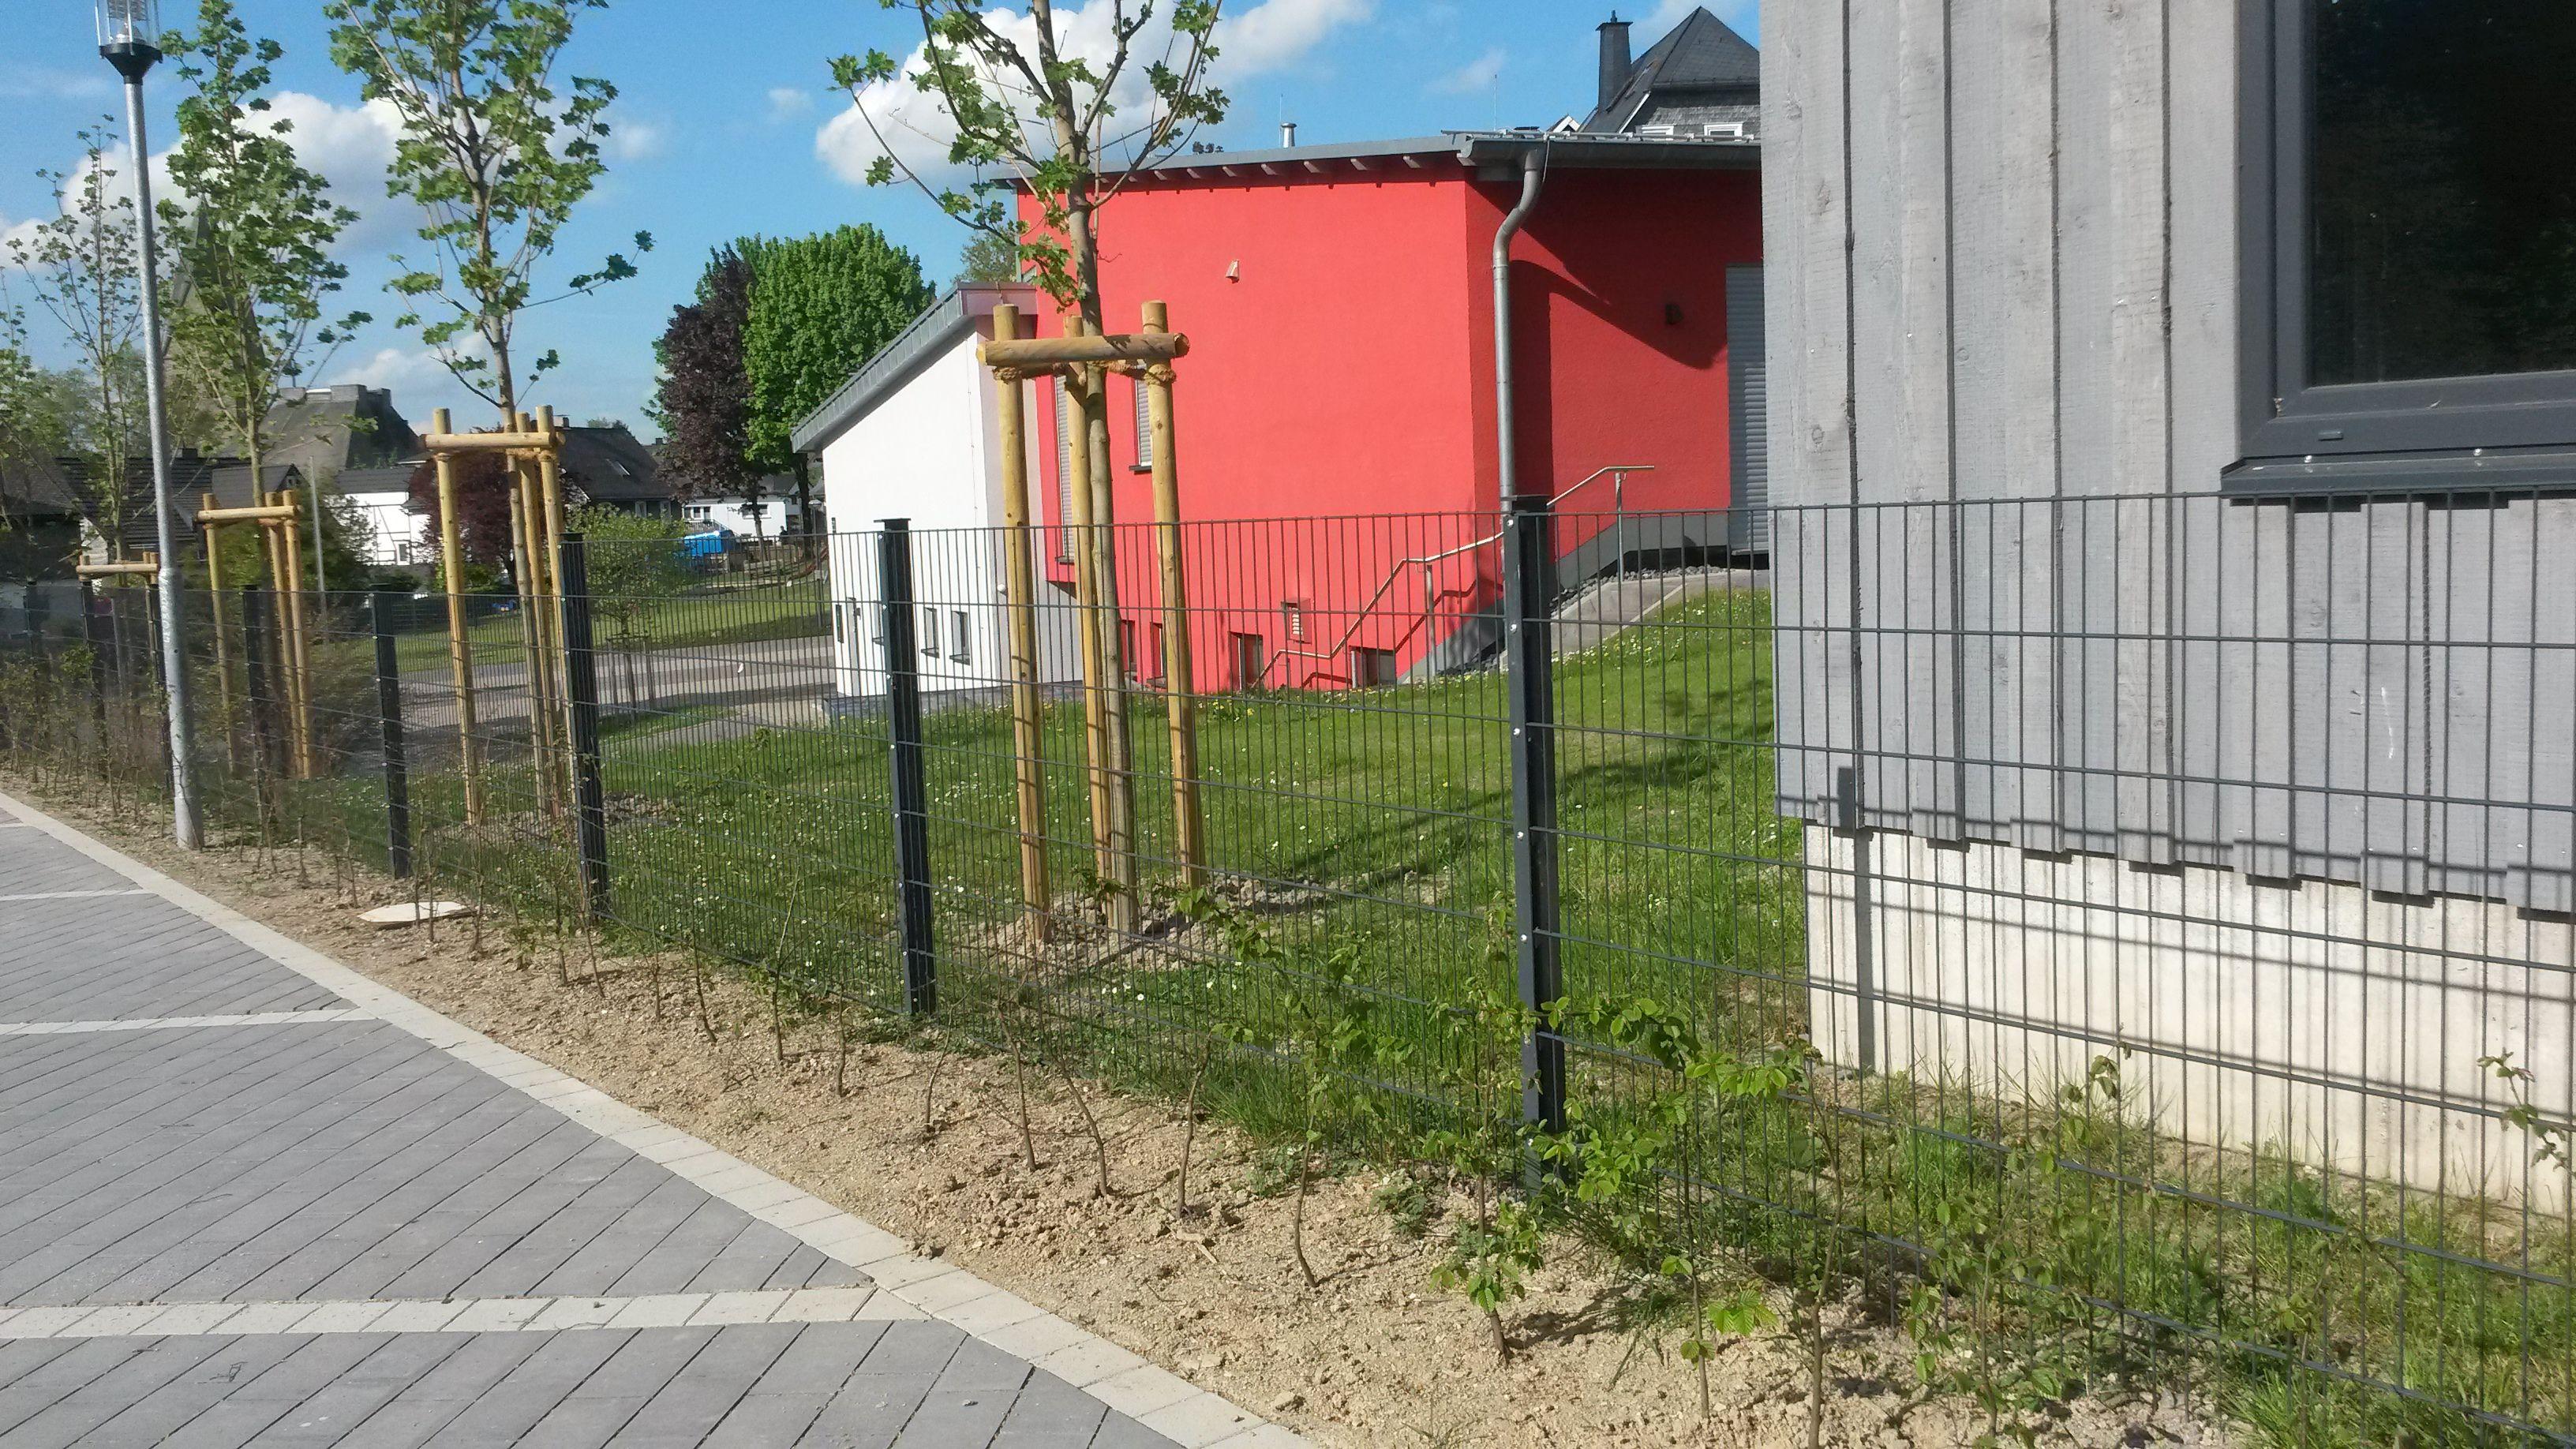 Gartenzaun aus Doppelstabmatten als Abgrenzung im öffentlichen